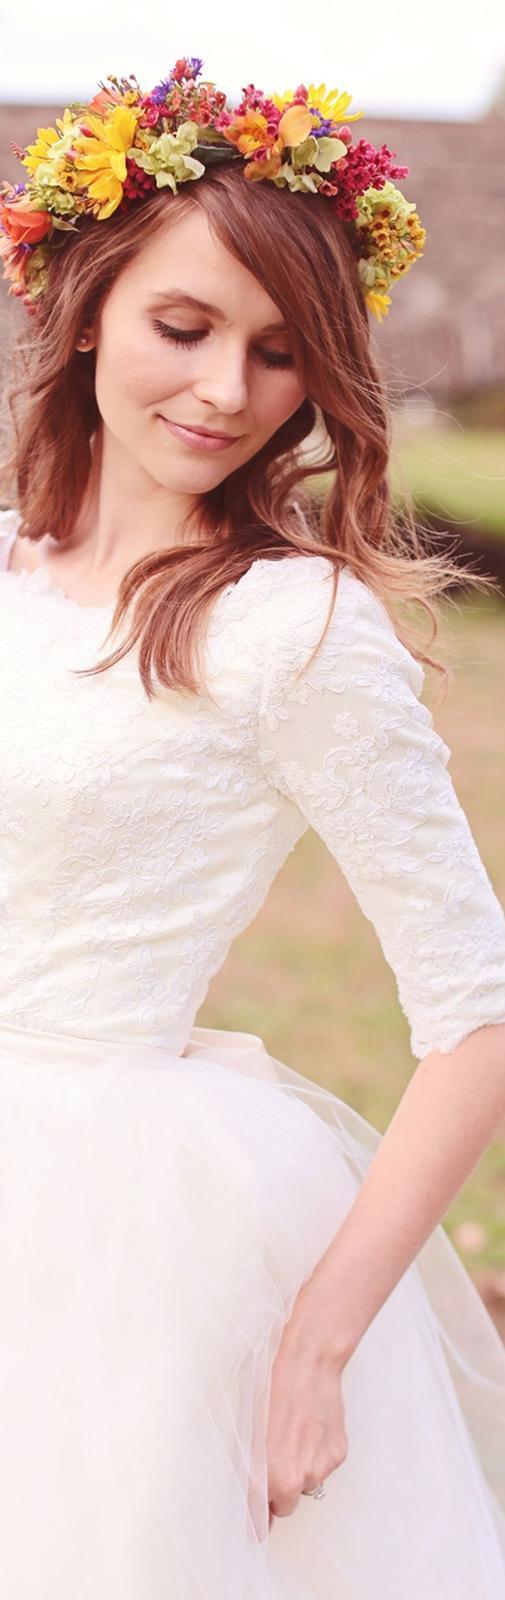 dievčataa takéto šaty niekde... - Obrázok č. 2